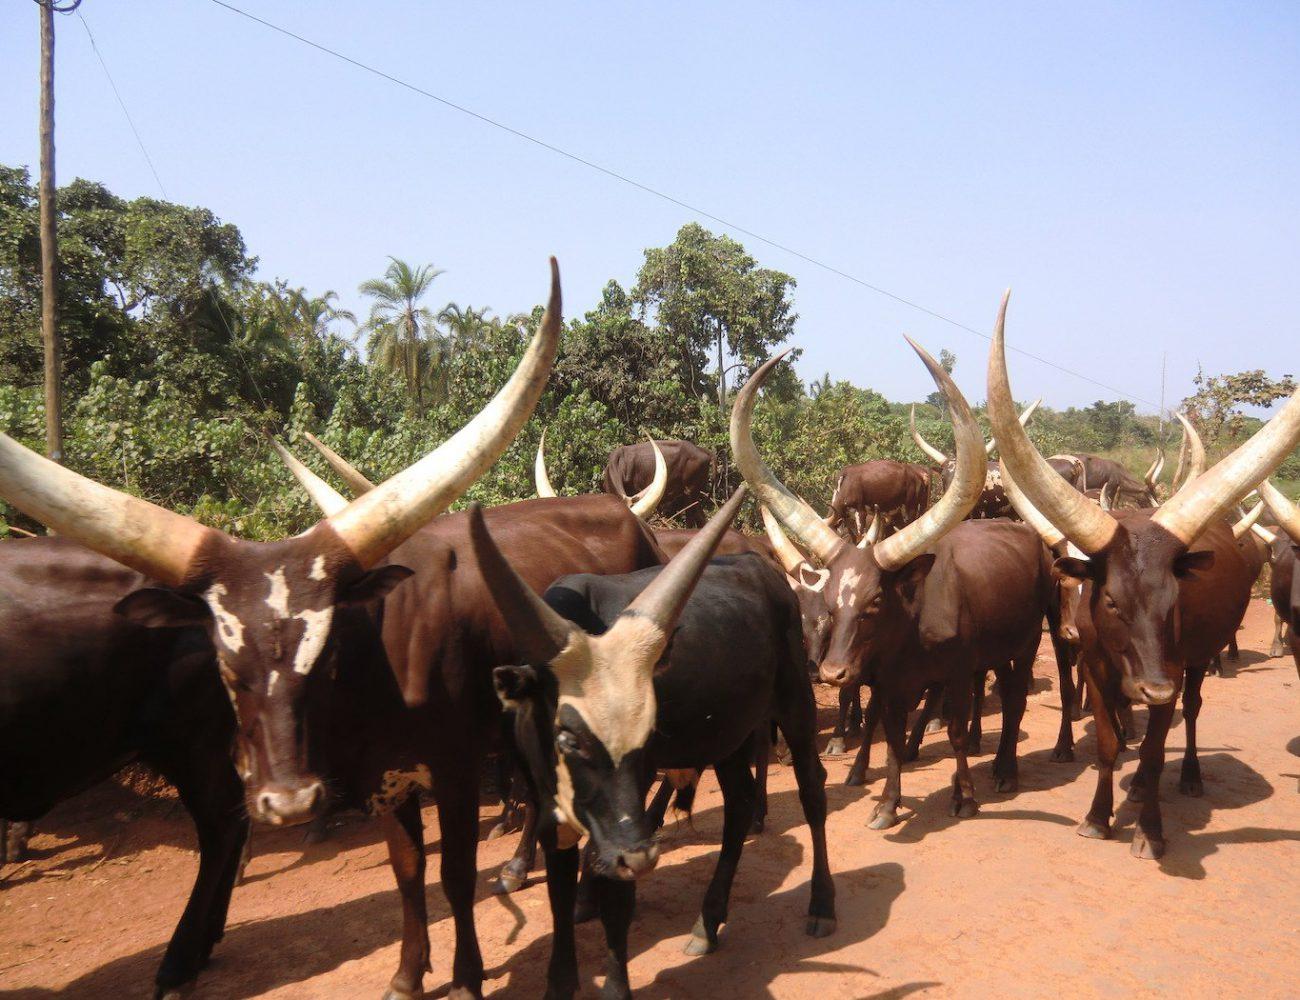 Rinderherde auf der Straße